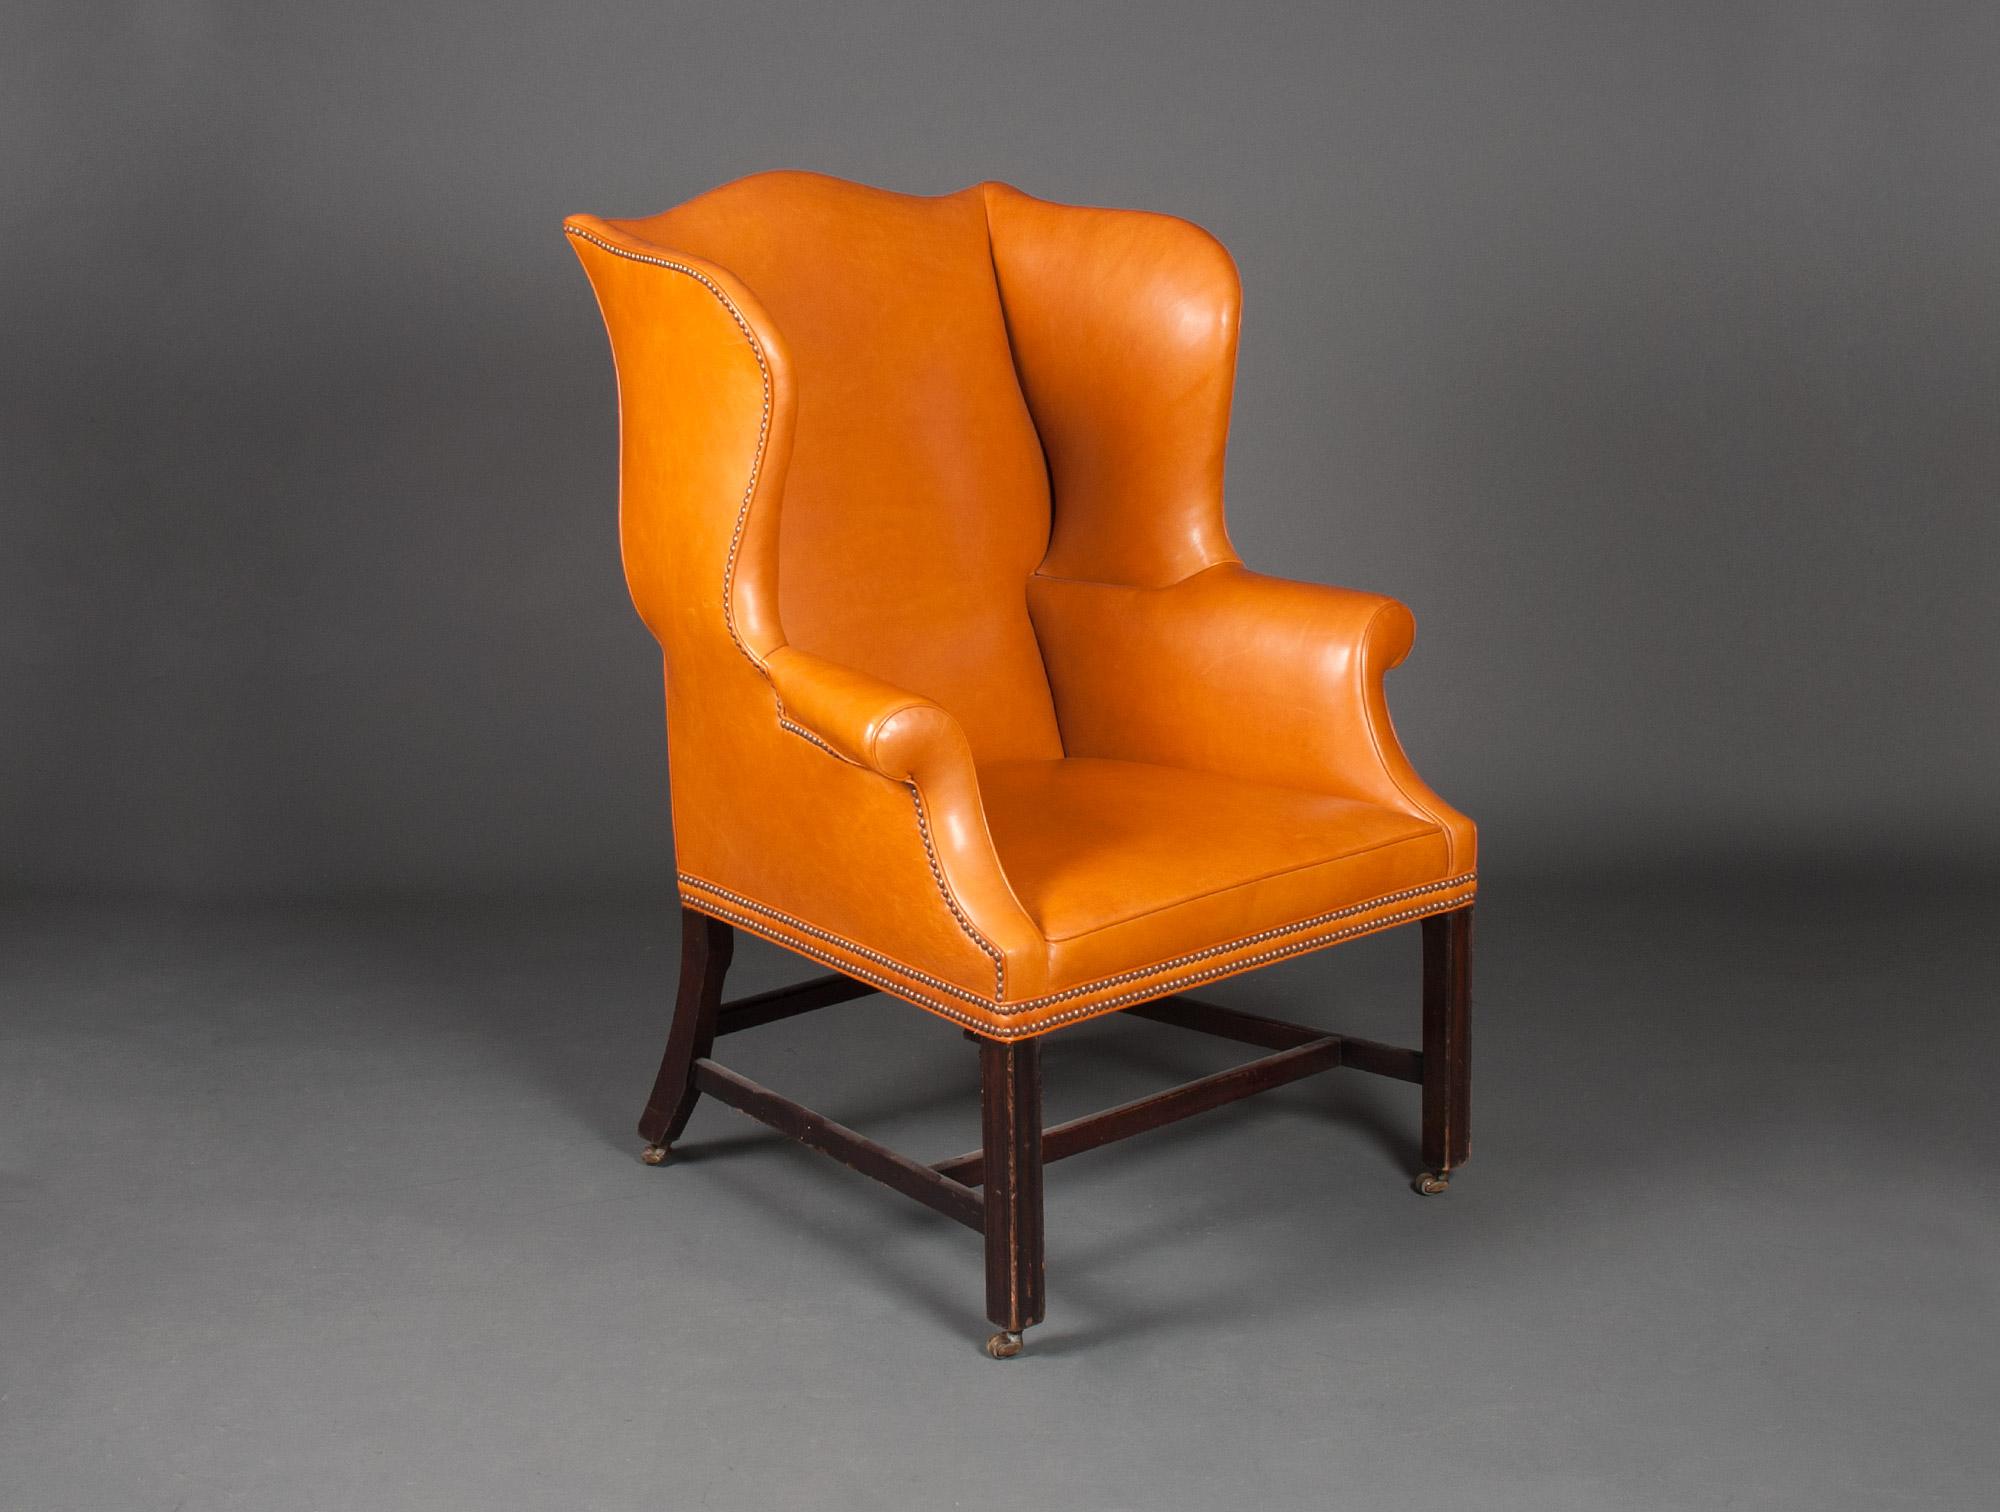 fauteuil anglais en cuir fauve soubrier louer si ges fauteuil xviiie. Black Bedroom Furniture Sets. Home Design Ideas